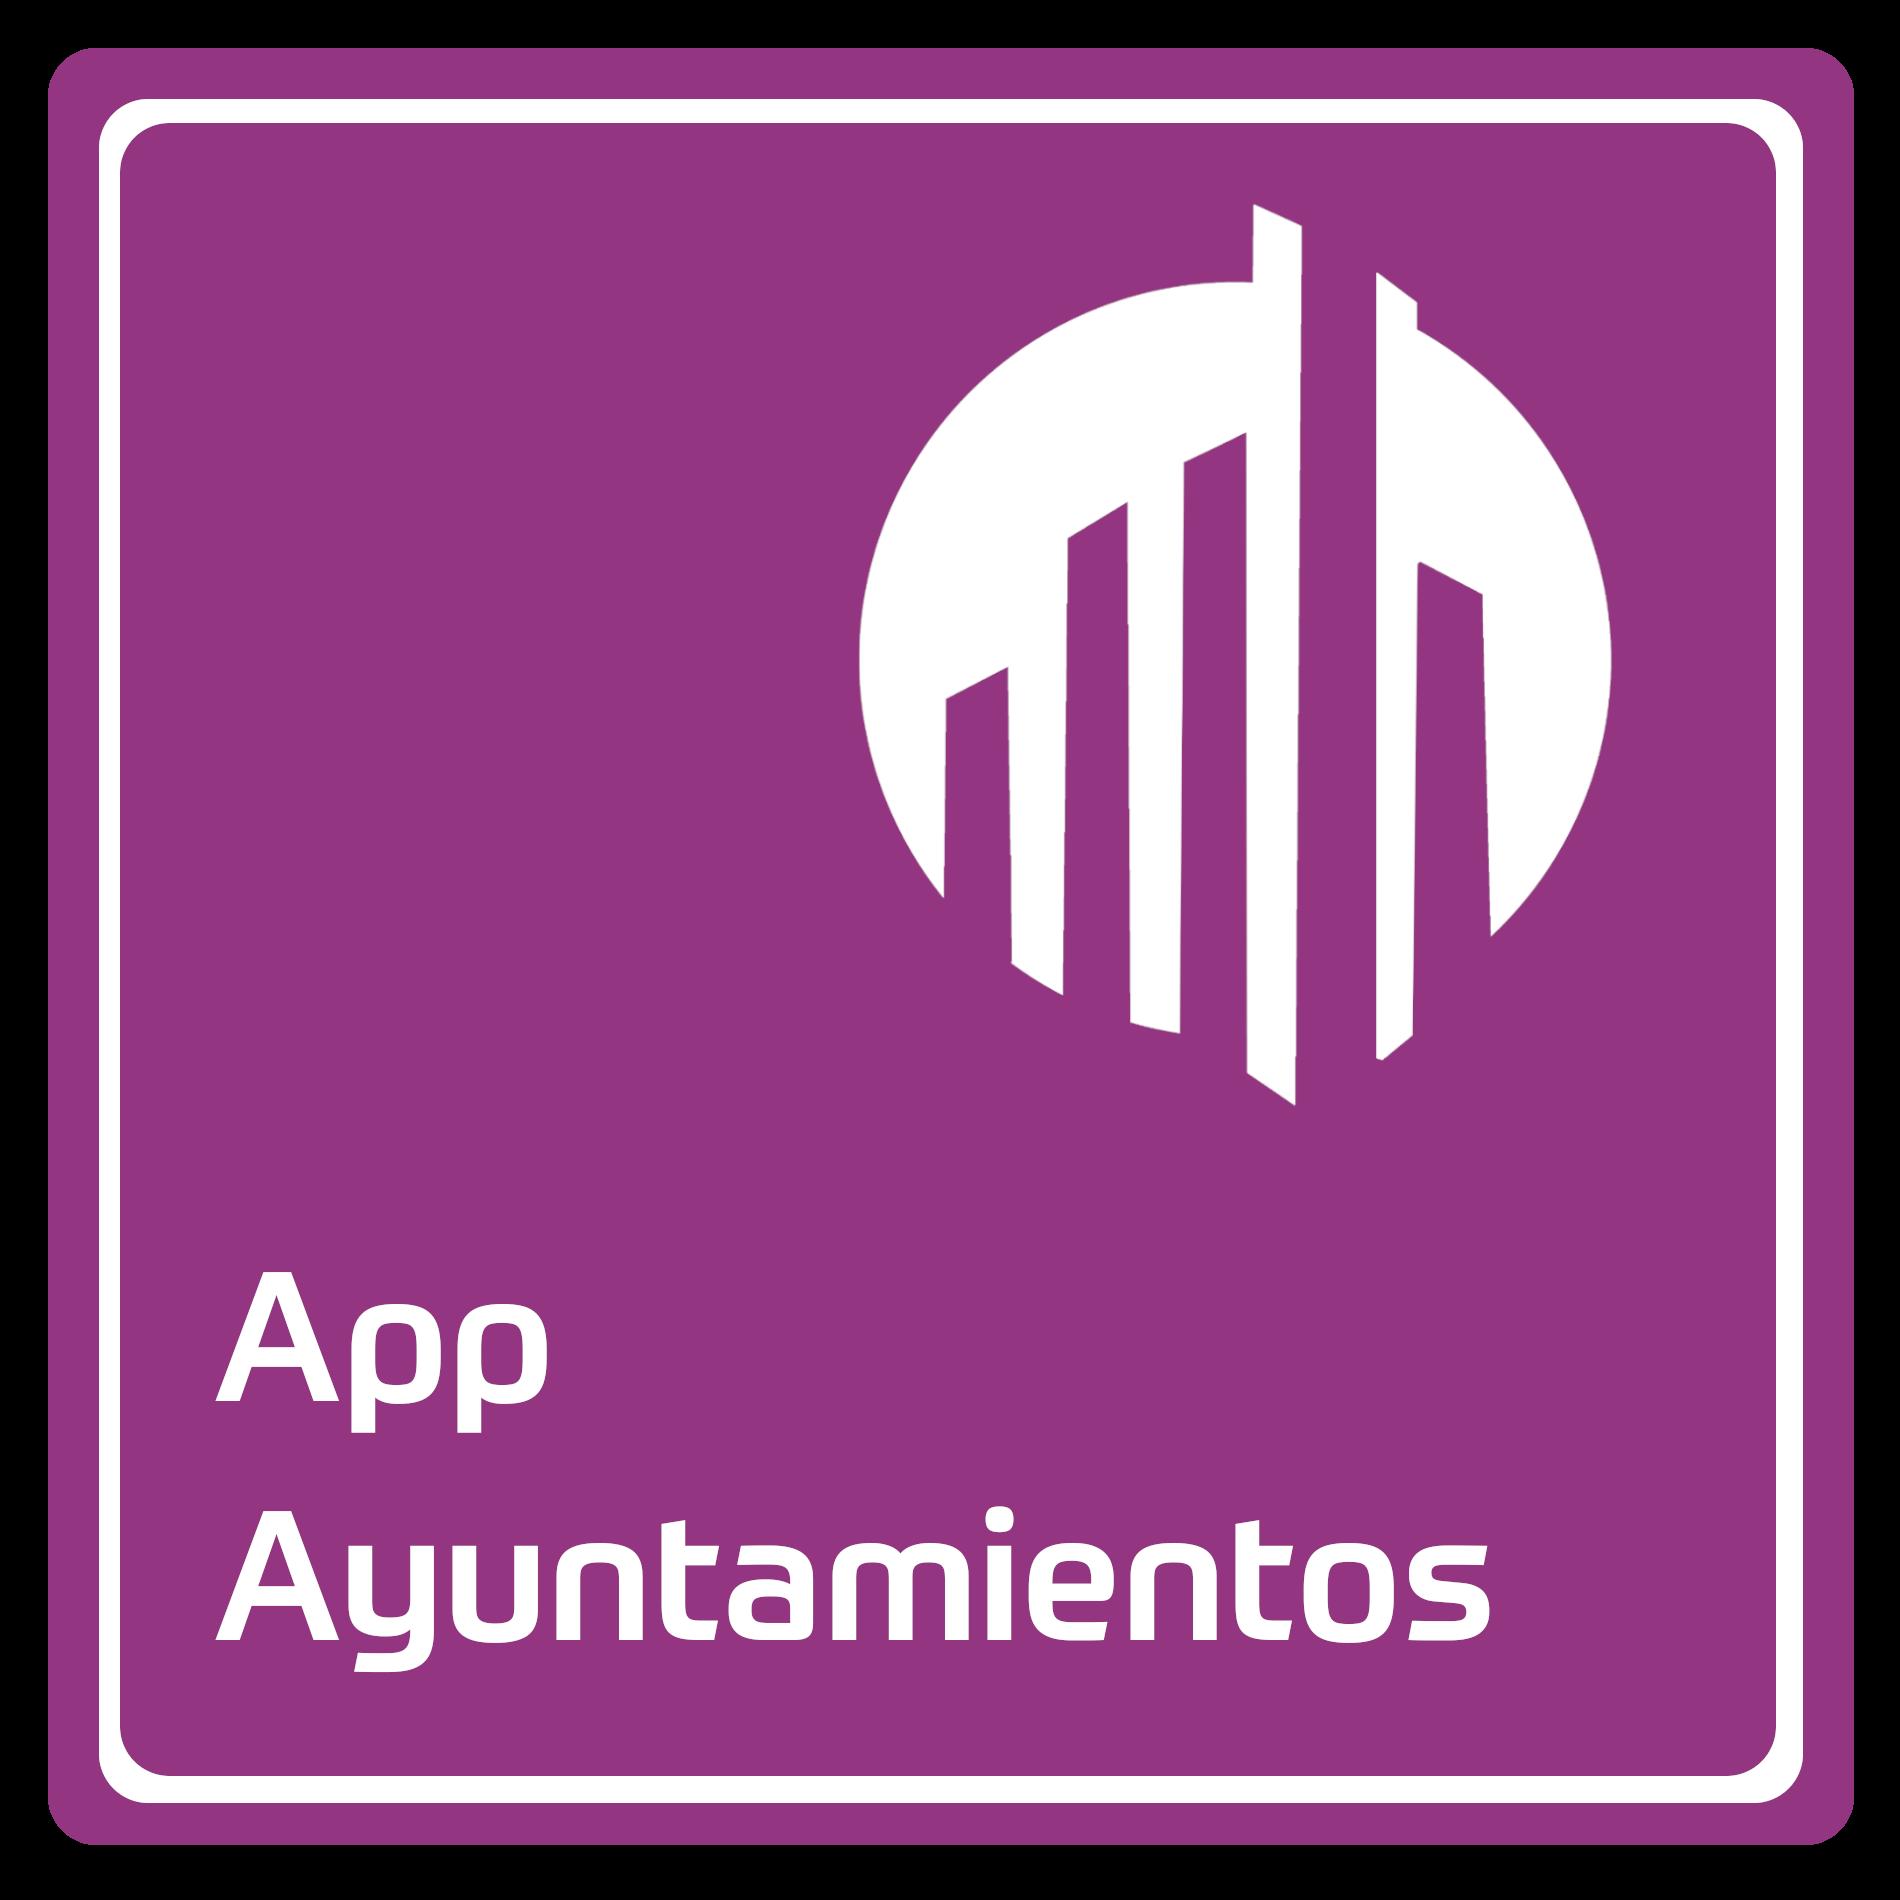 App Ayuntamientos